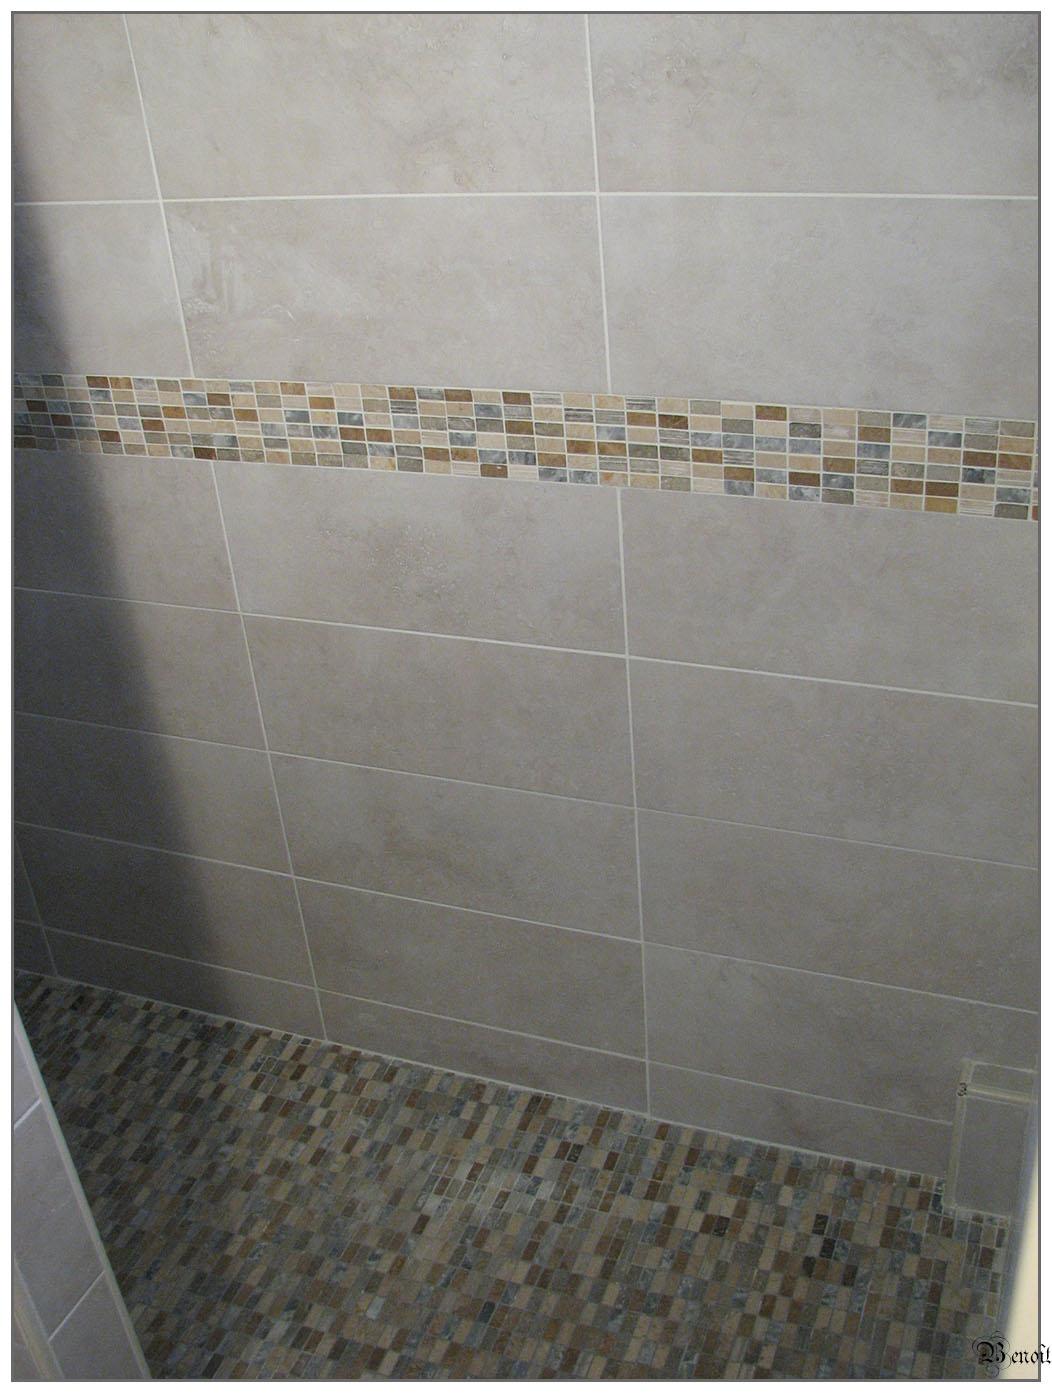 Beno t carrelage mise jour salle d 39 eau for Modele de faience pour salle de bain